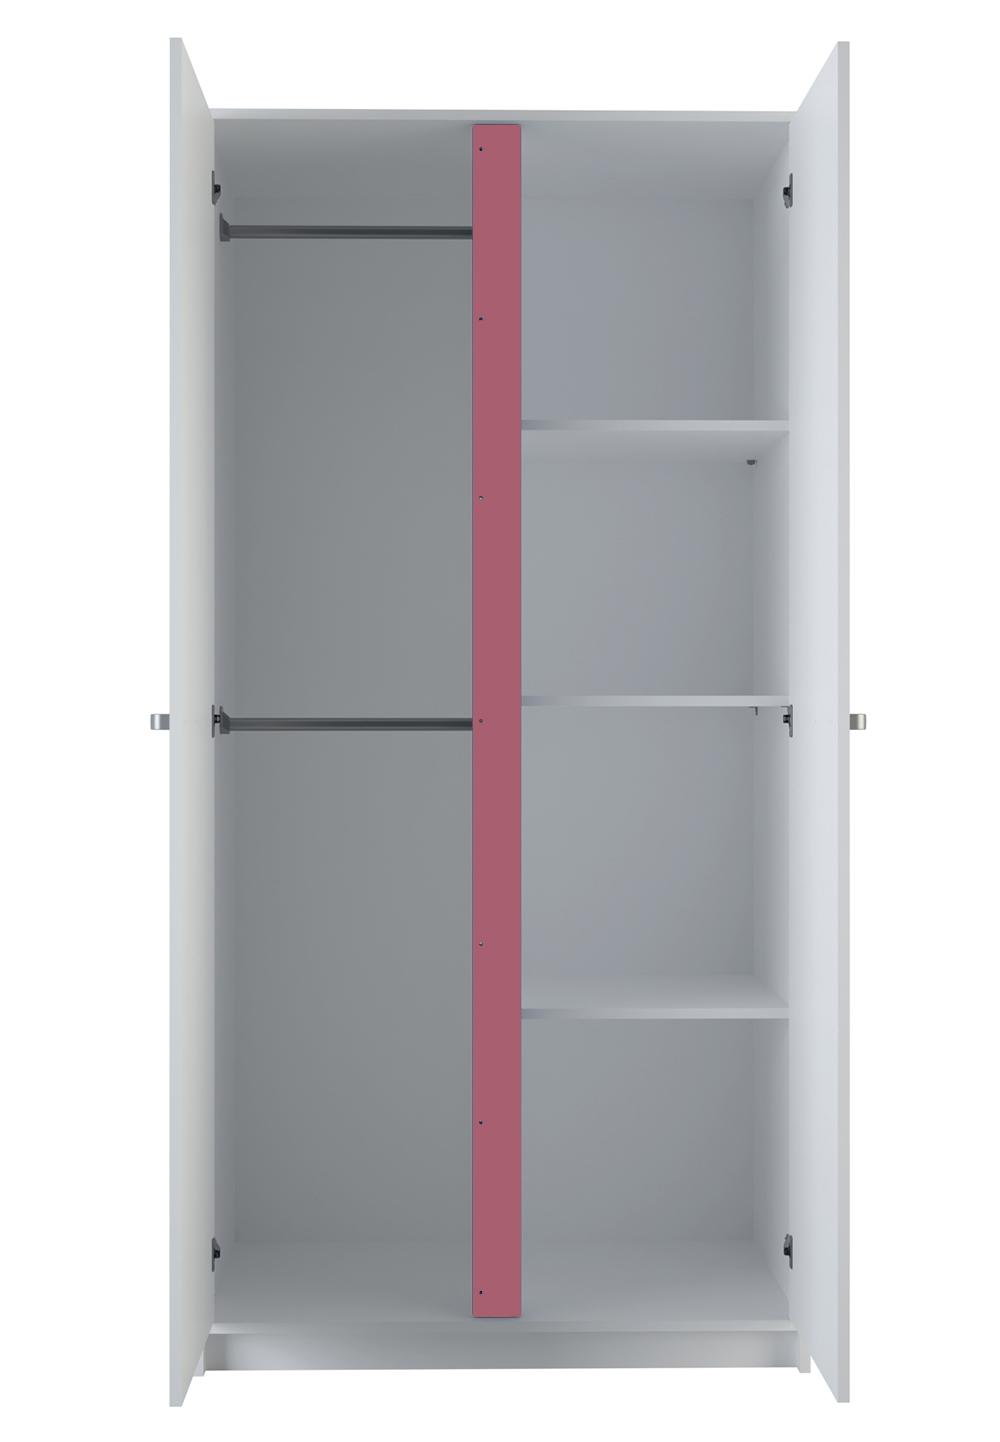 Kleiderschrank Tara Weiß 2 Türen B 89 cm